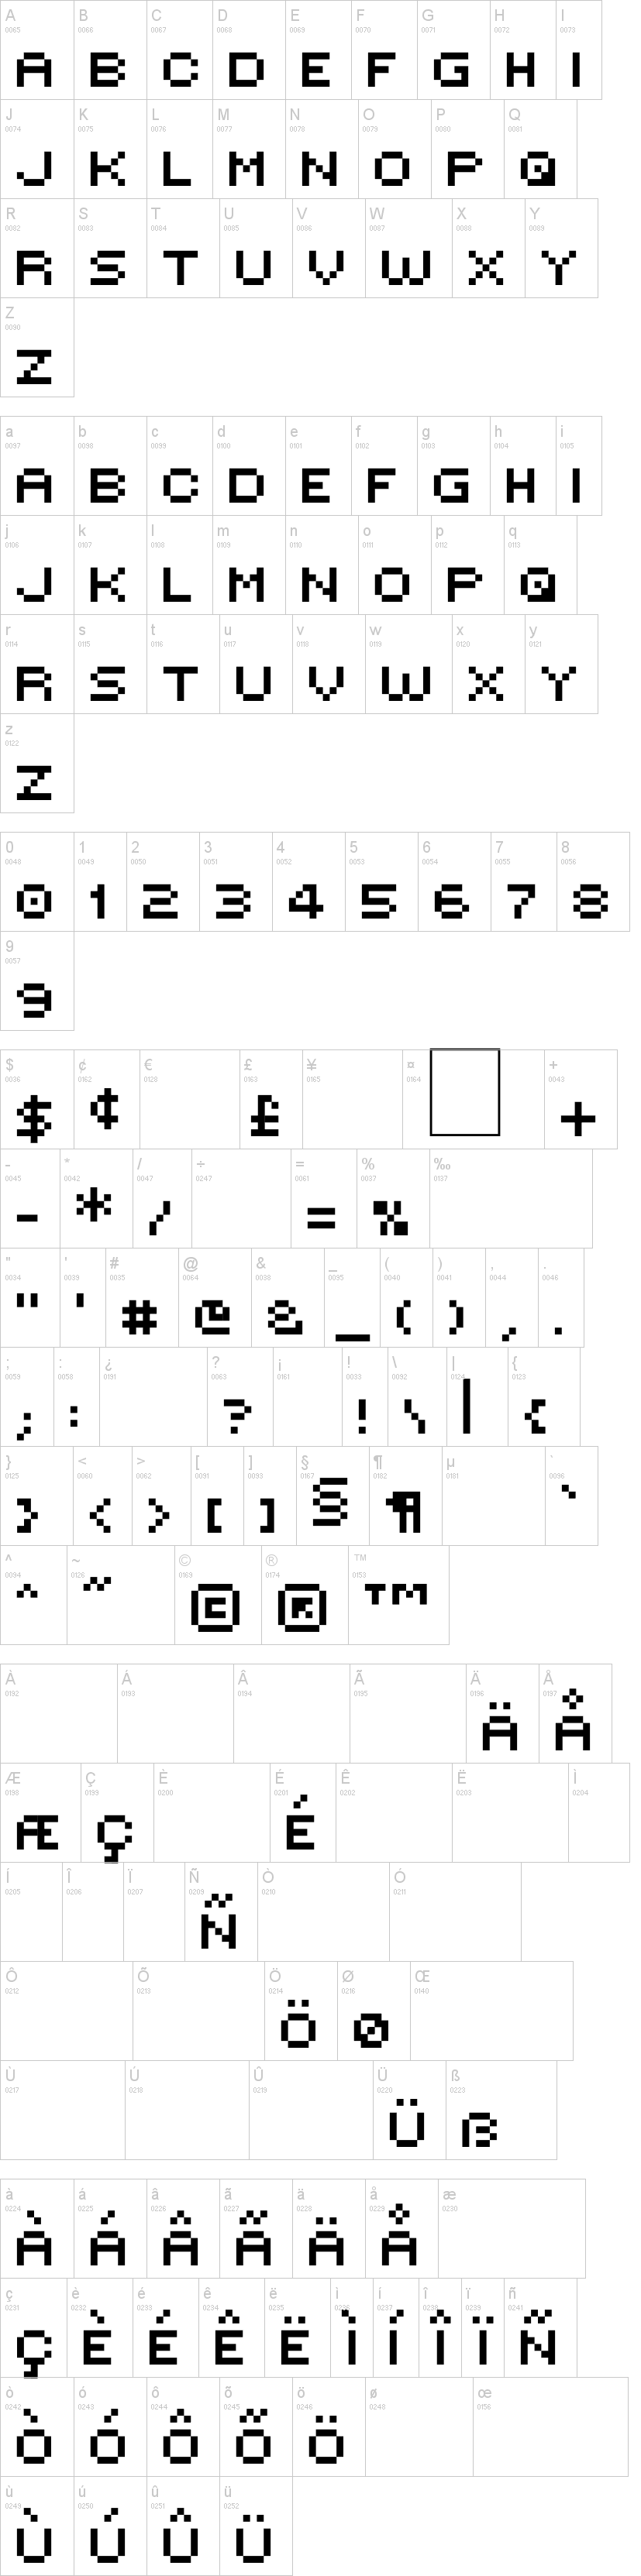 Victor's Pixel Font   dafont.com